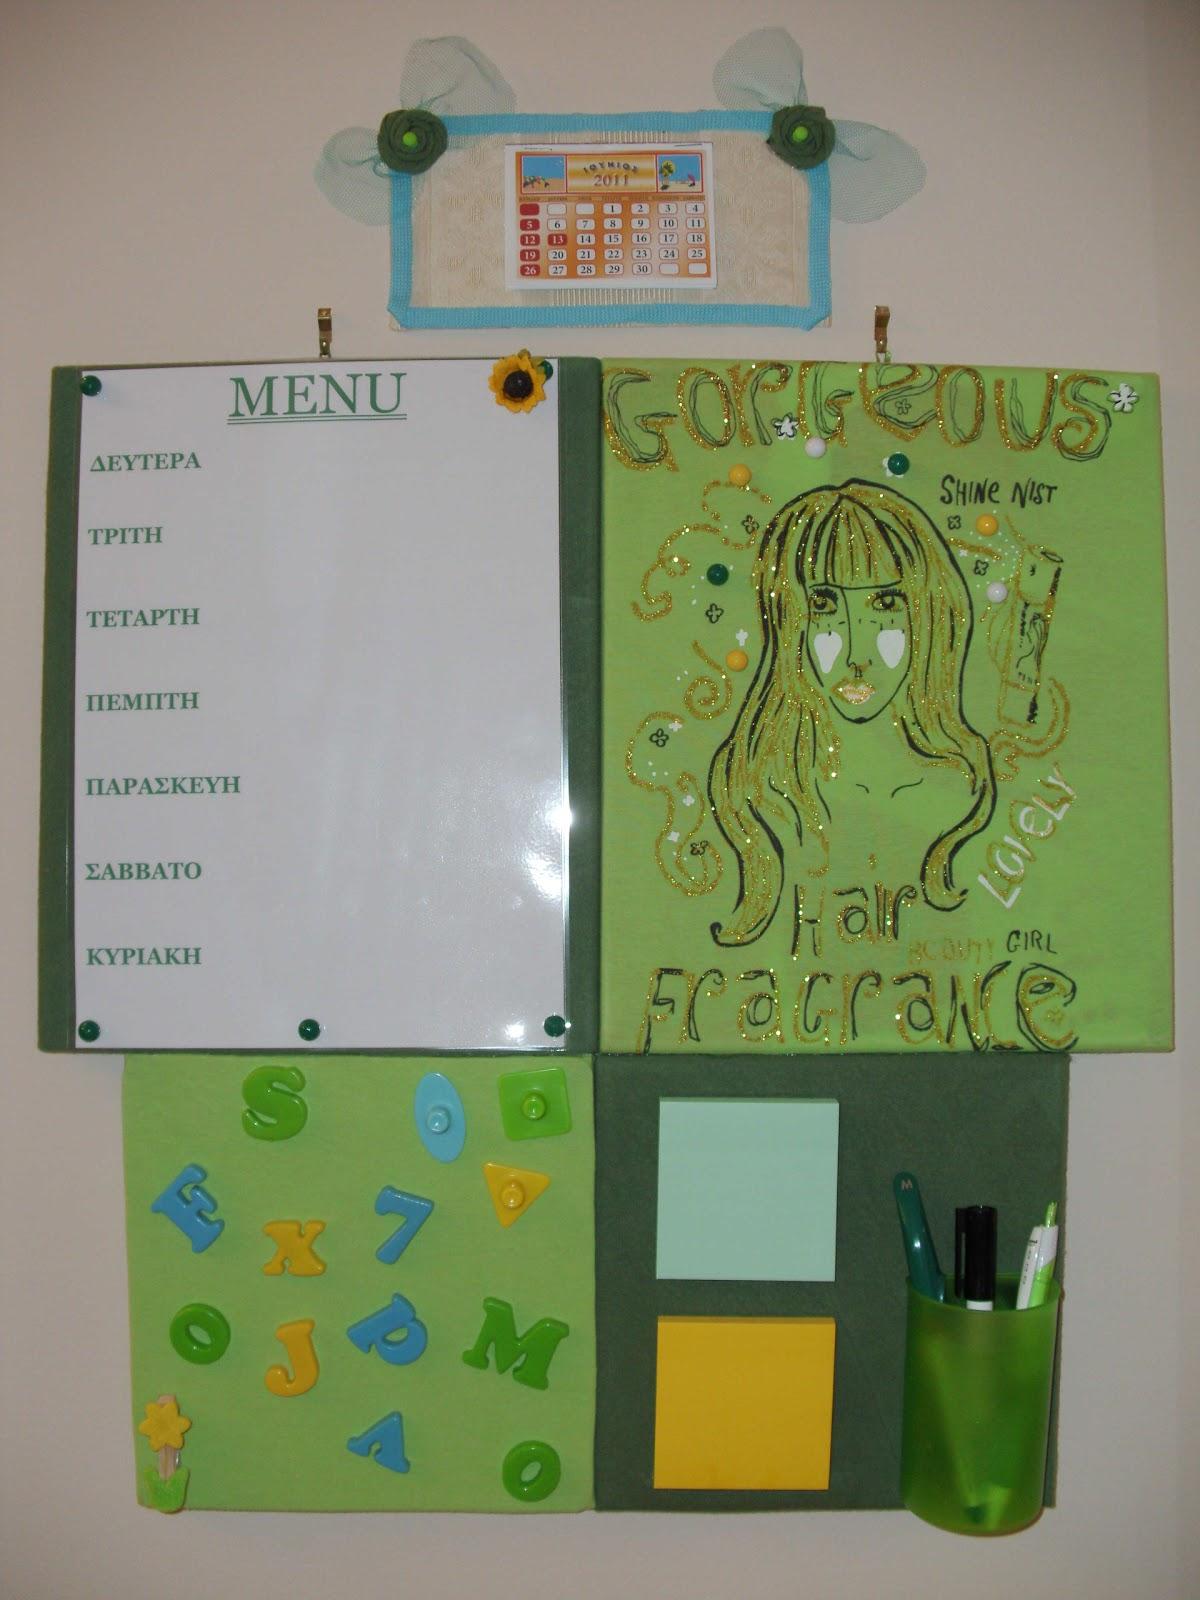 Πίνακας σημειώσεων και οργάνωσης για την κουζίνα